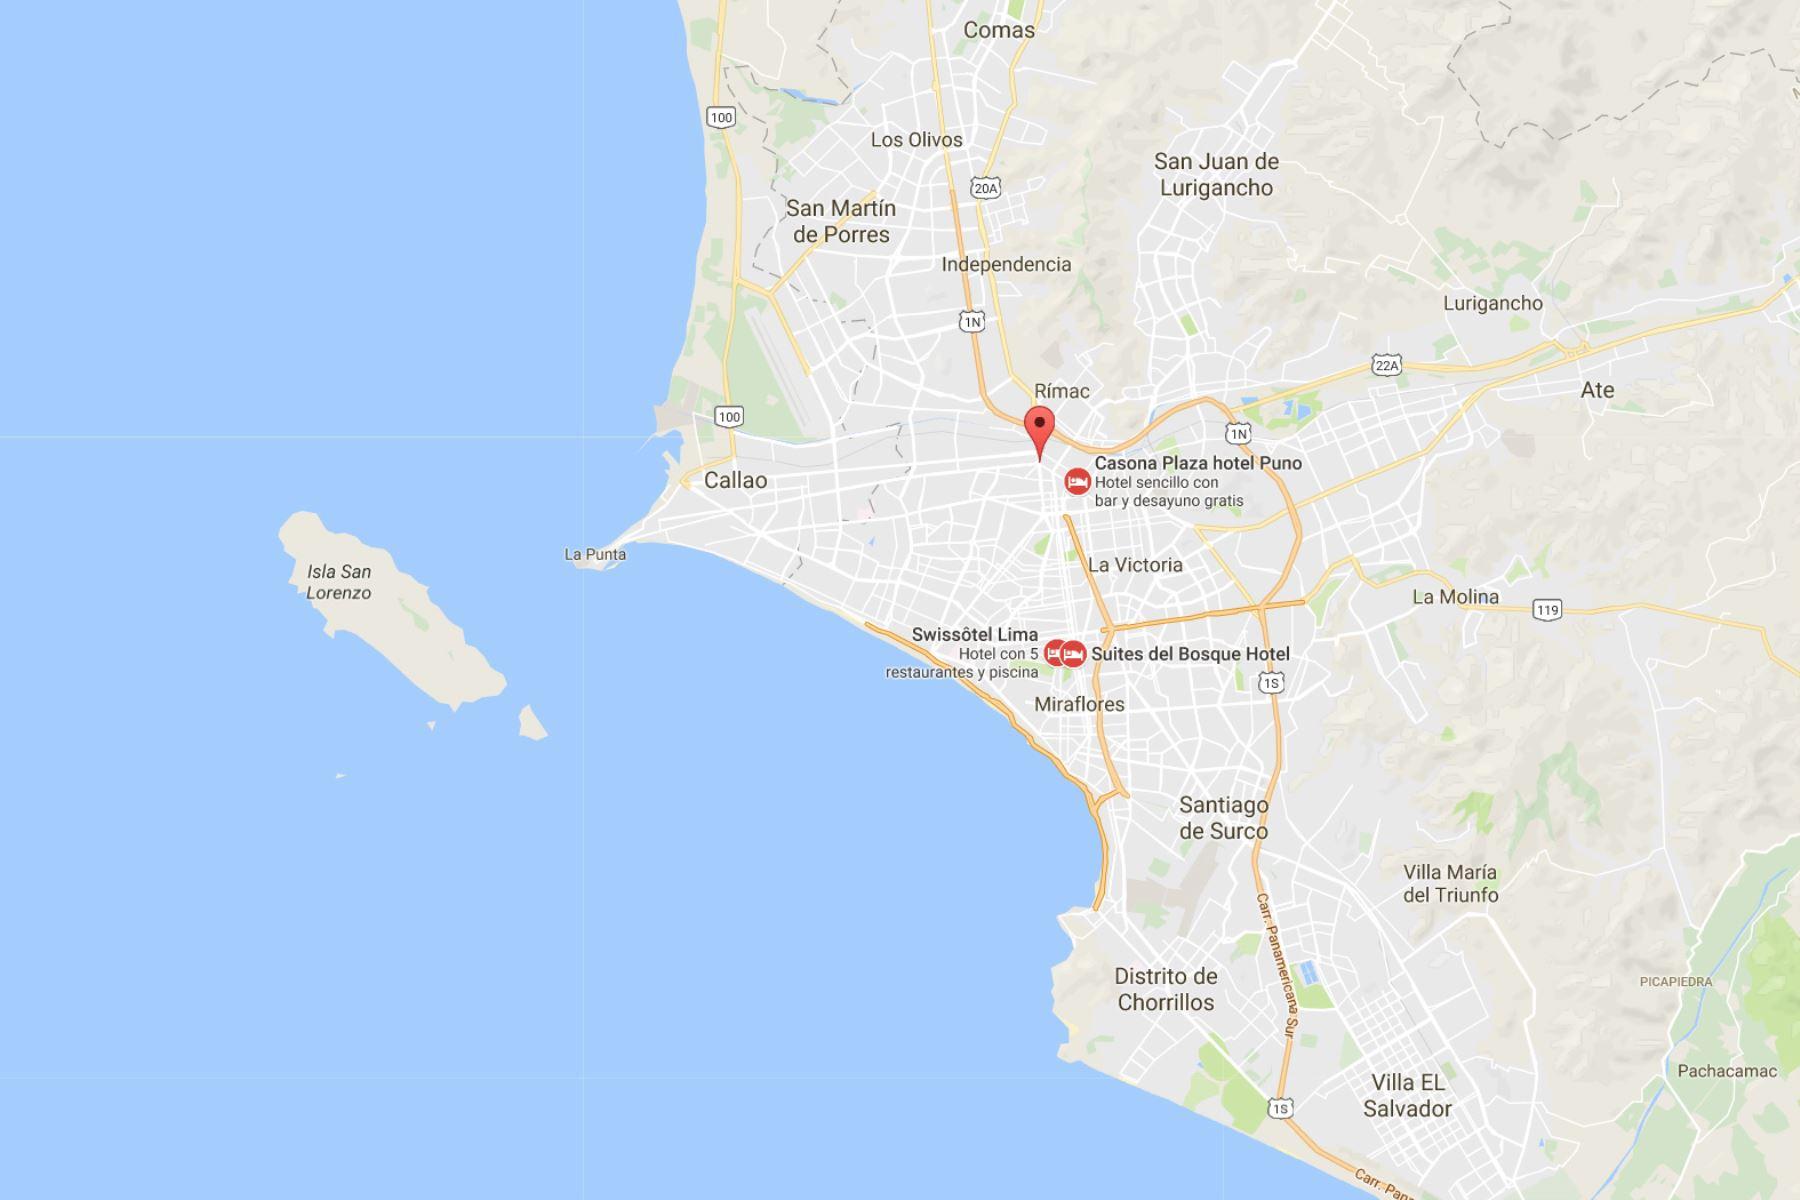 Sismo de 4.1 grados sacudió Lima y Callao esta madrugada